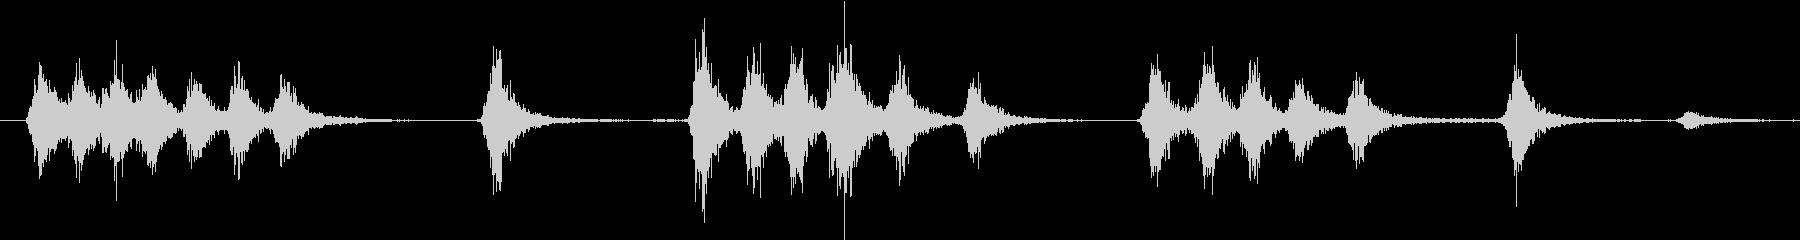 ワンワン(夜の街での犬の鳴き声)の未再生の波形